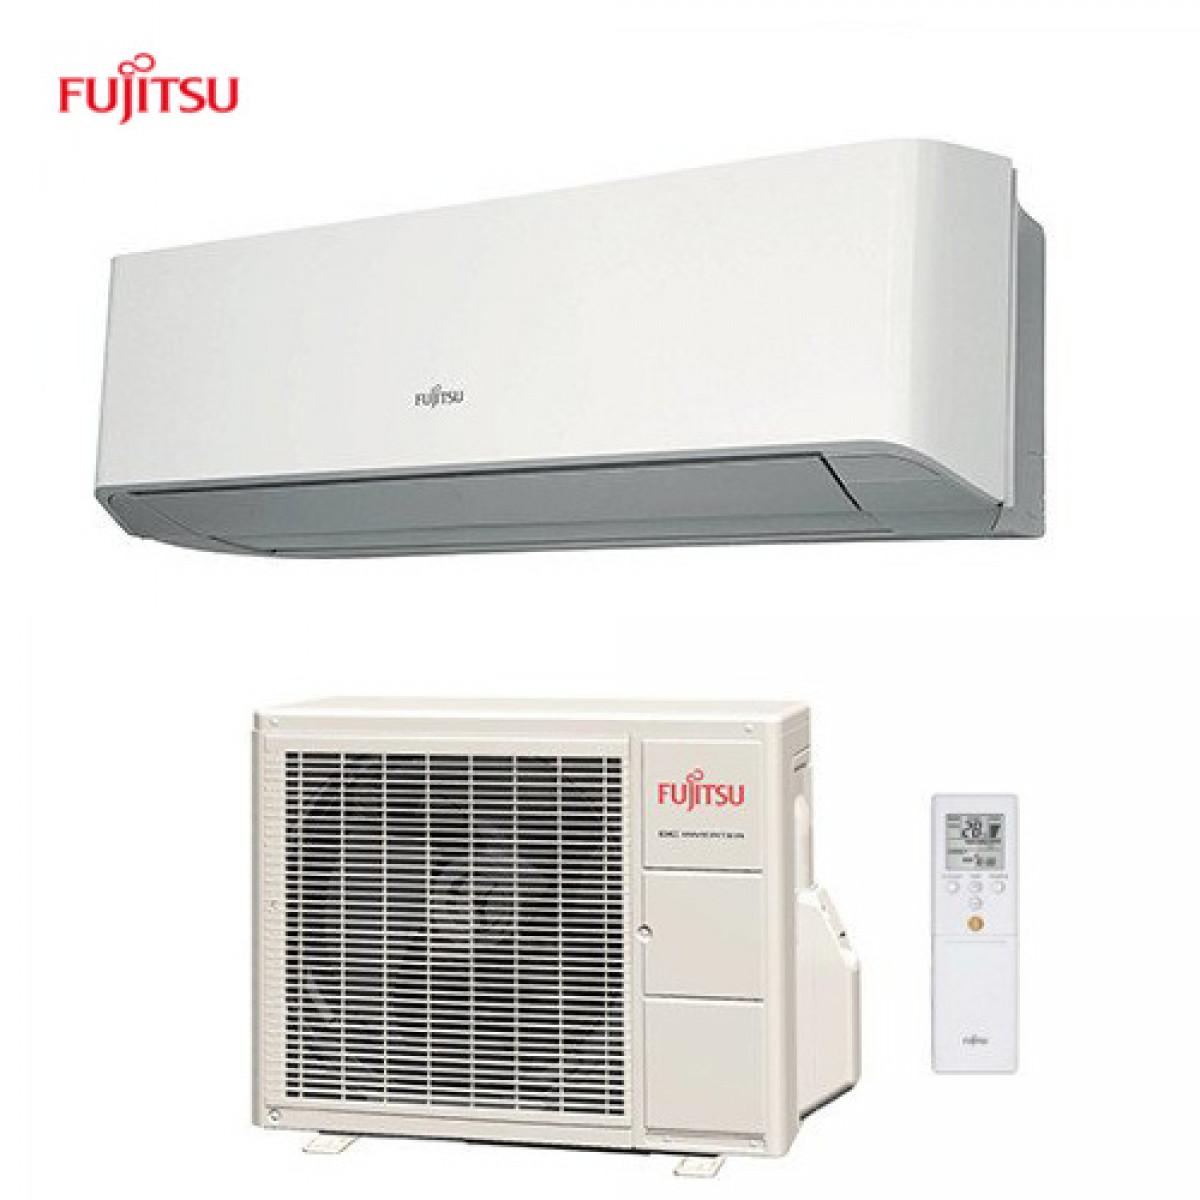 fujitsu-climatizzatore-serie-LM-9000-btu-desenzano (2)